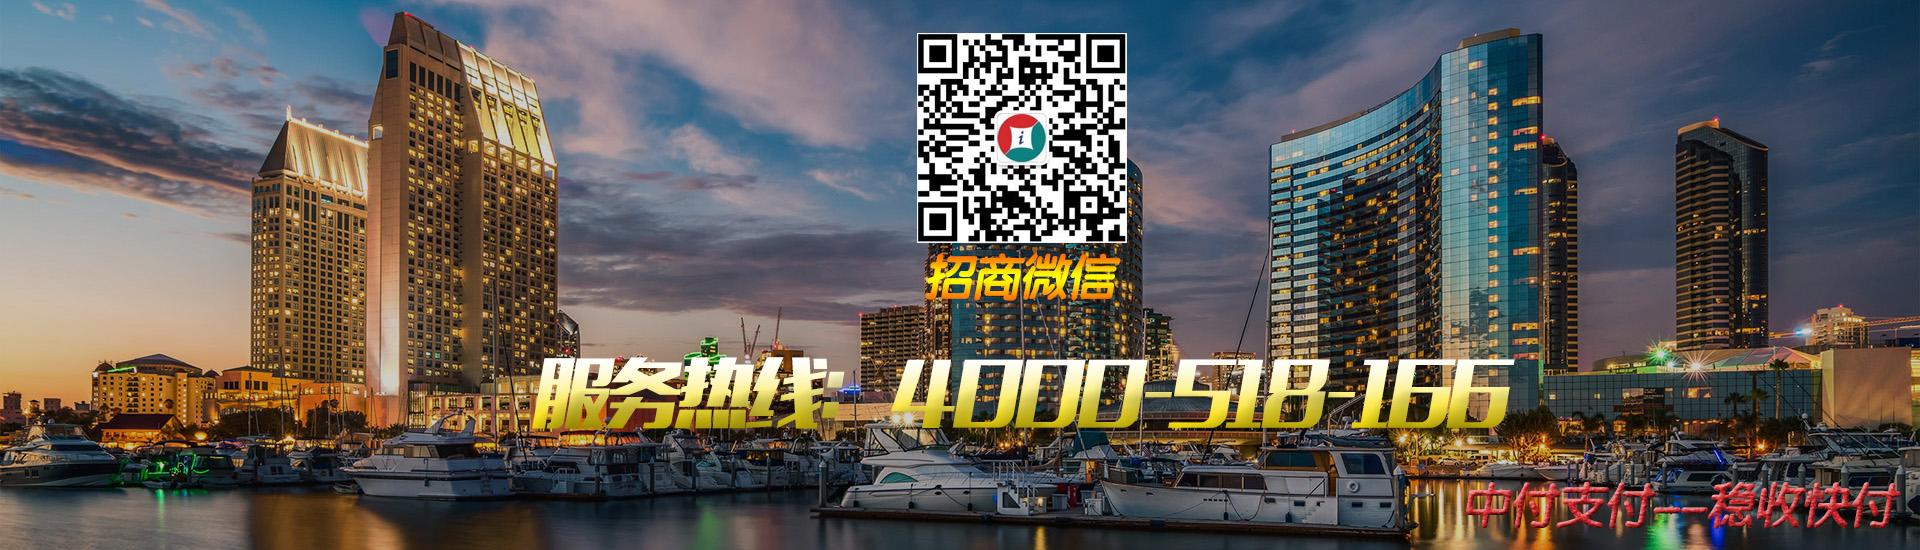 新中付官网首页幻灯